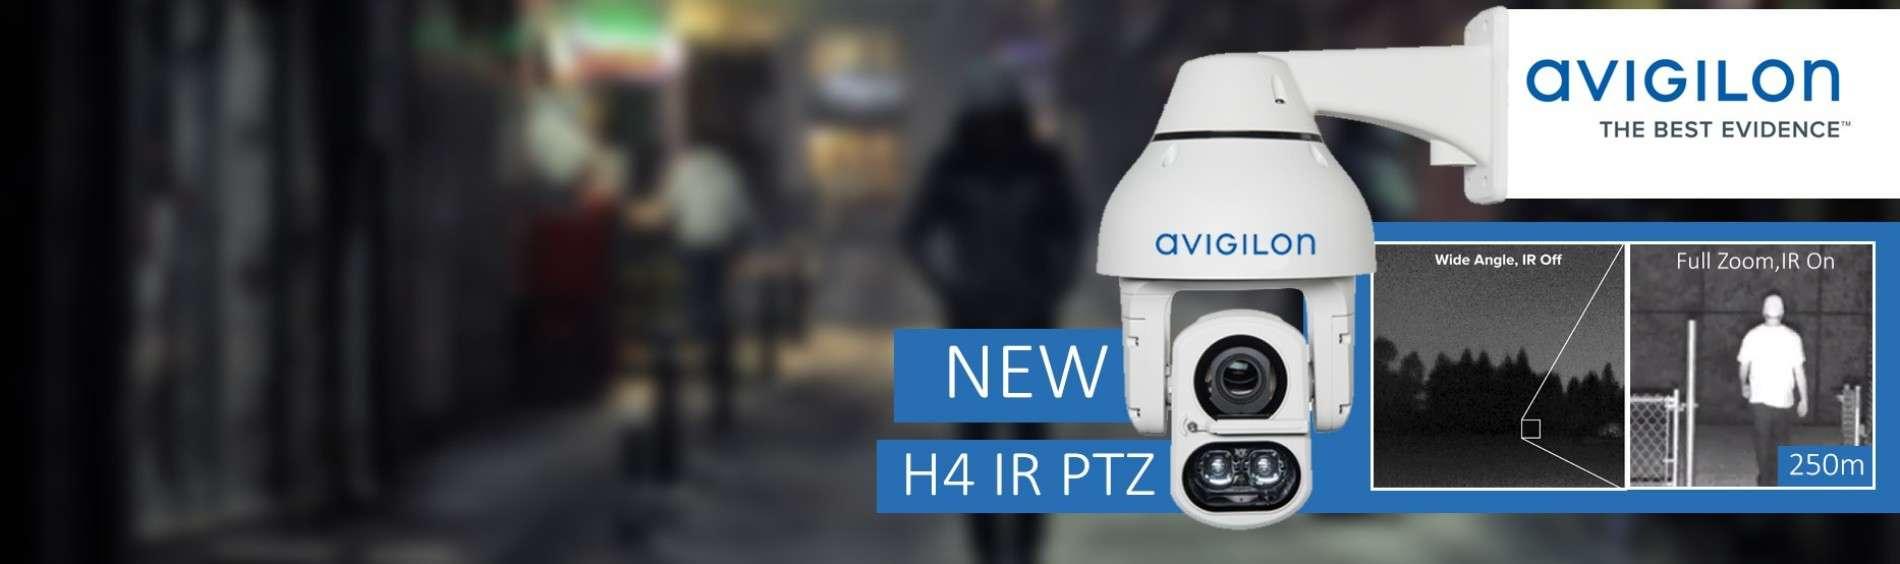 Avigilon lanceert de nieuwe lijn PTZ H4 IR camera's